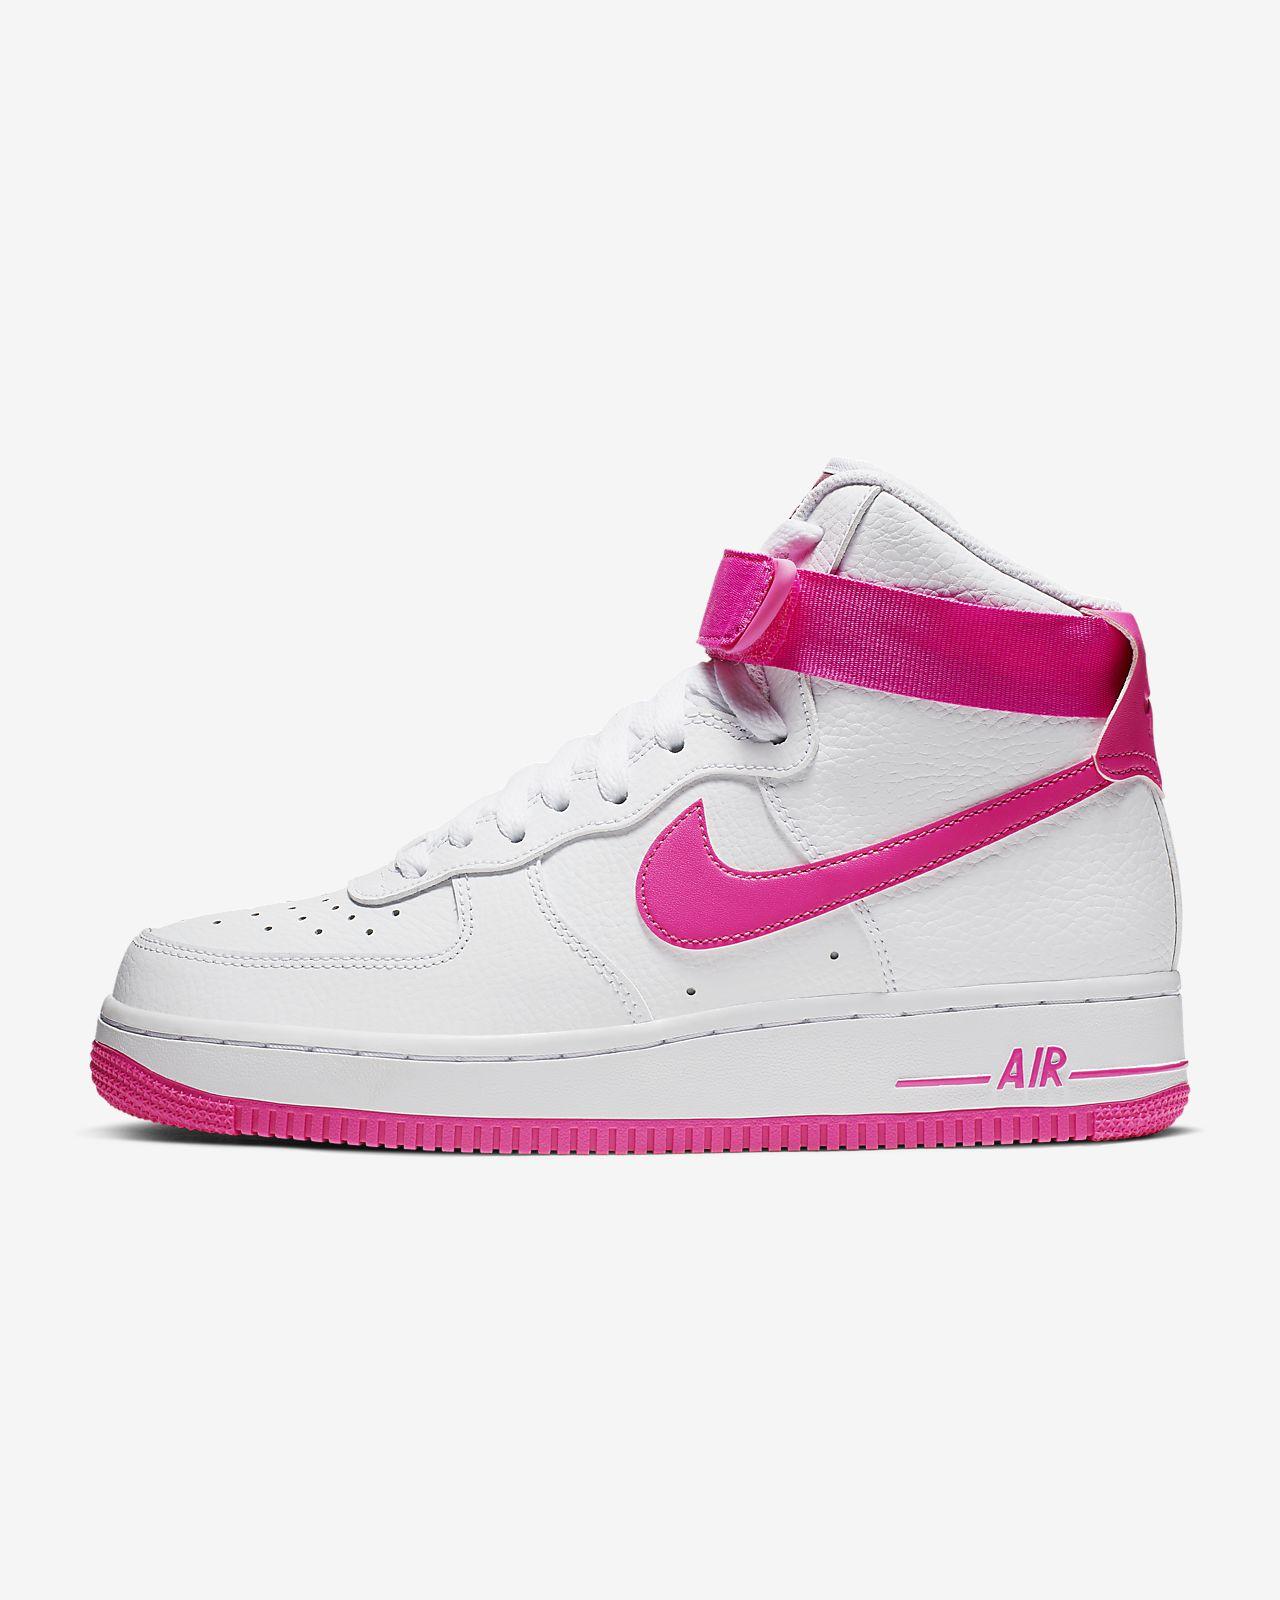 Γυναικείο παπούτσι Nike Air Force 1 High 08 LE